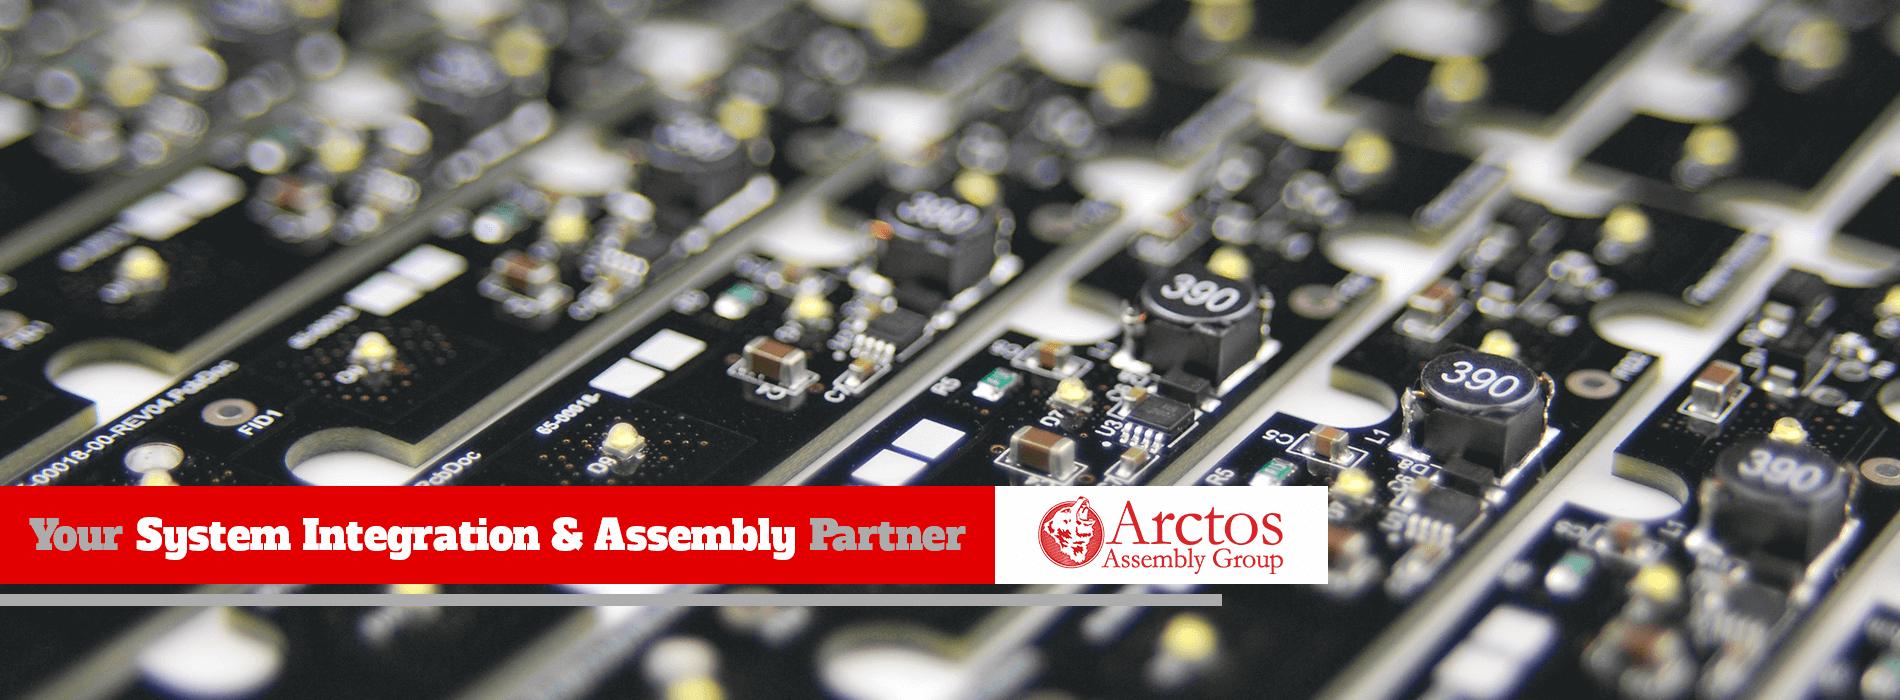 Arctos Assembly Group - Assemblies